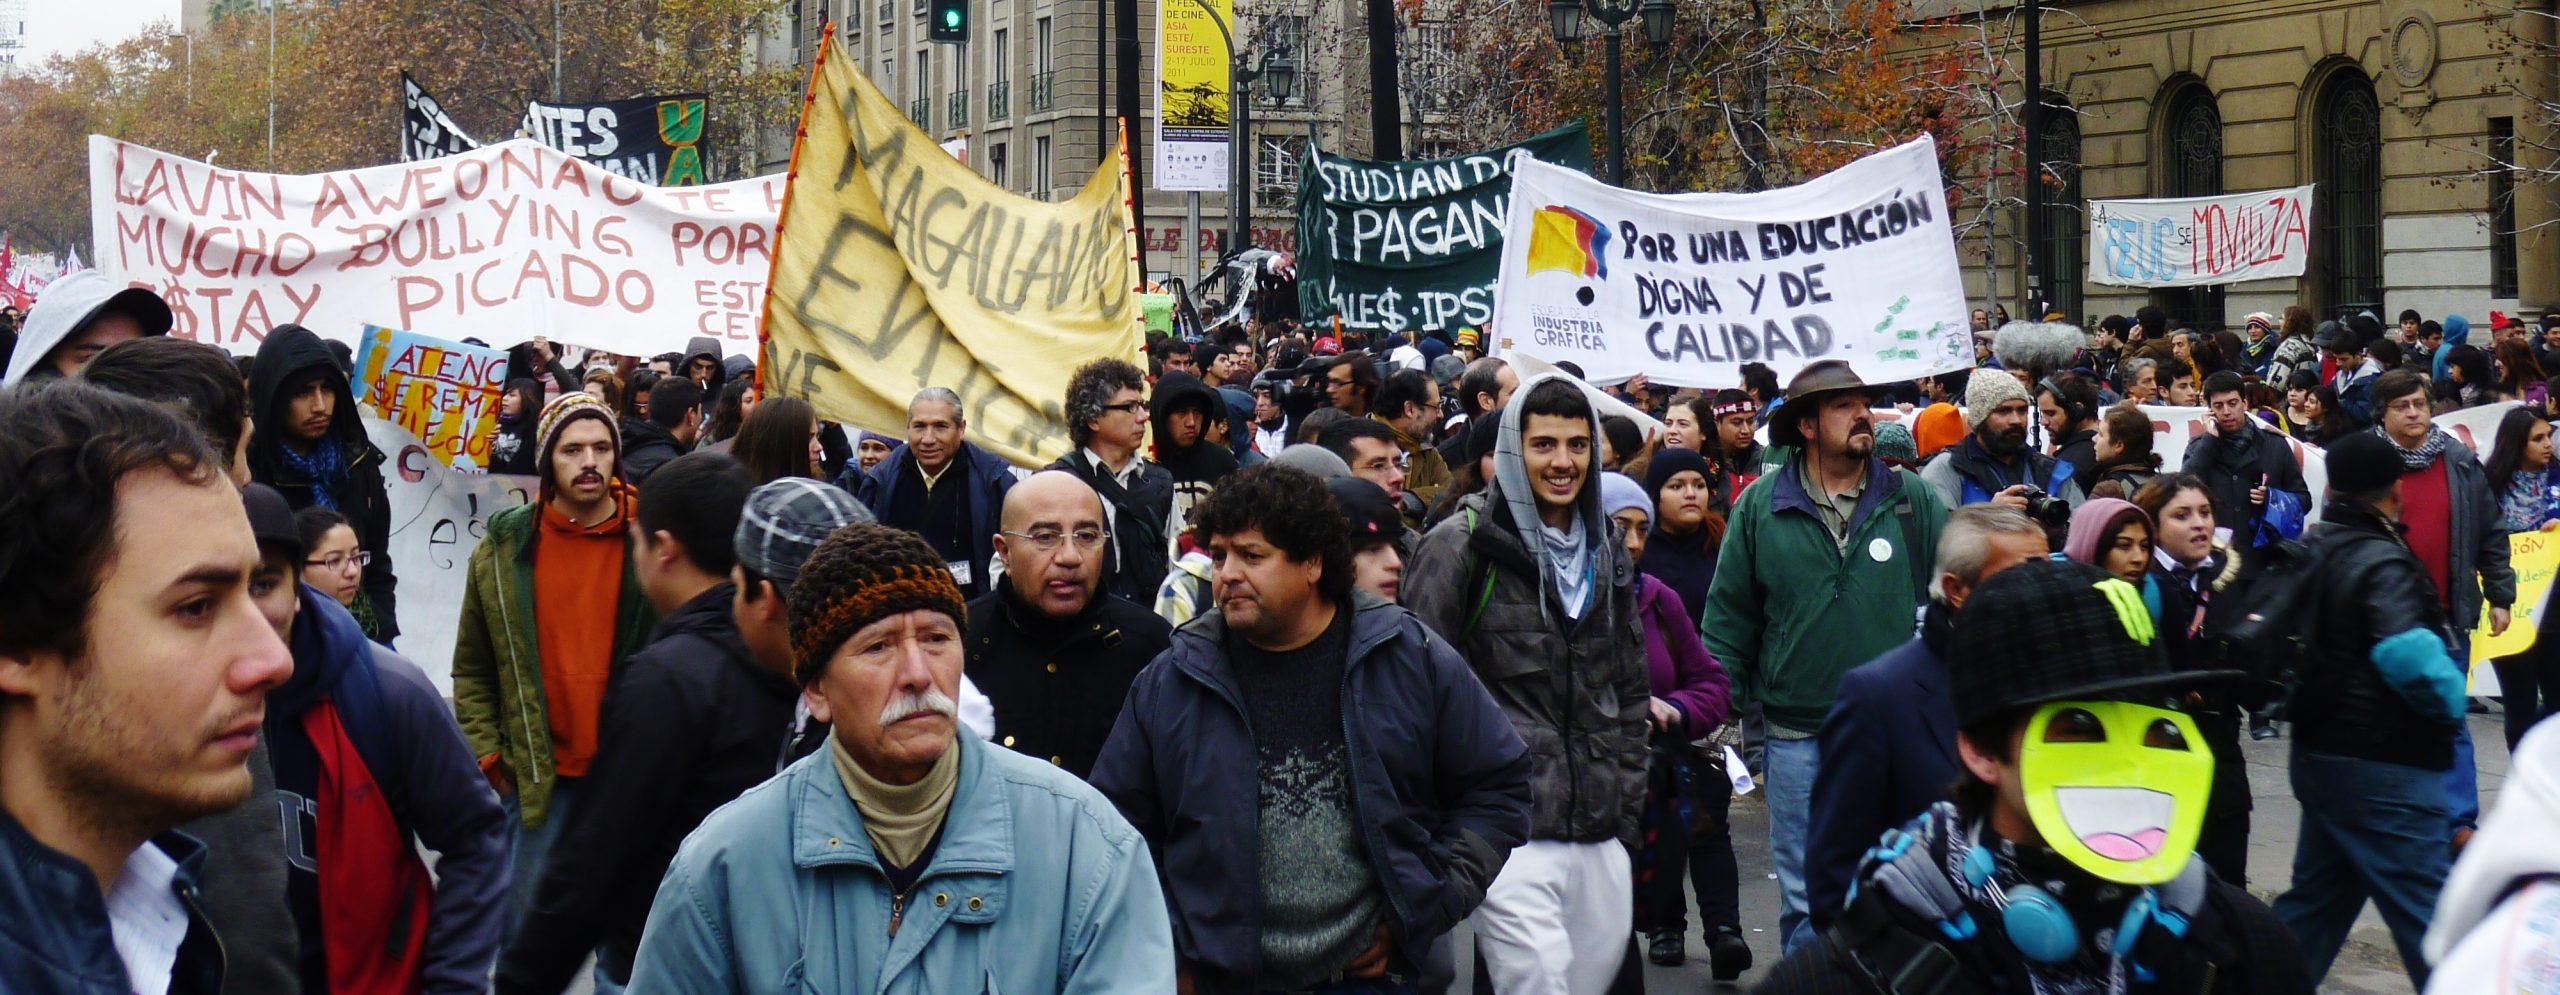 Le Chili trois ans après le mouvement étudiant de 2011 (1/2) : action collective et alternance politique.